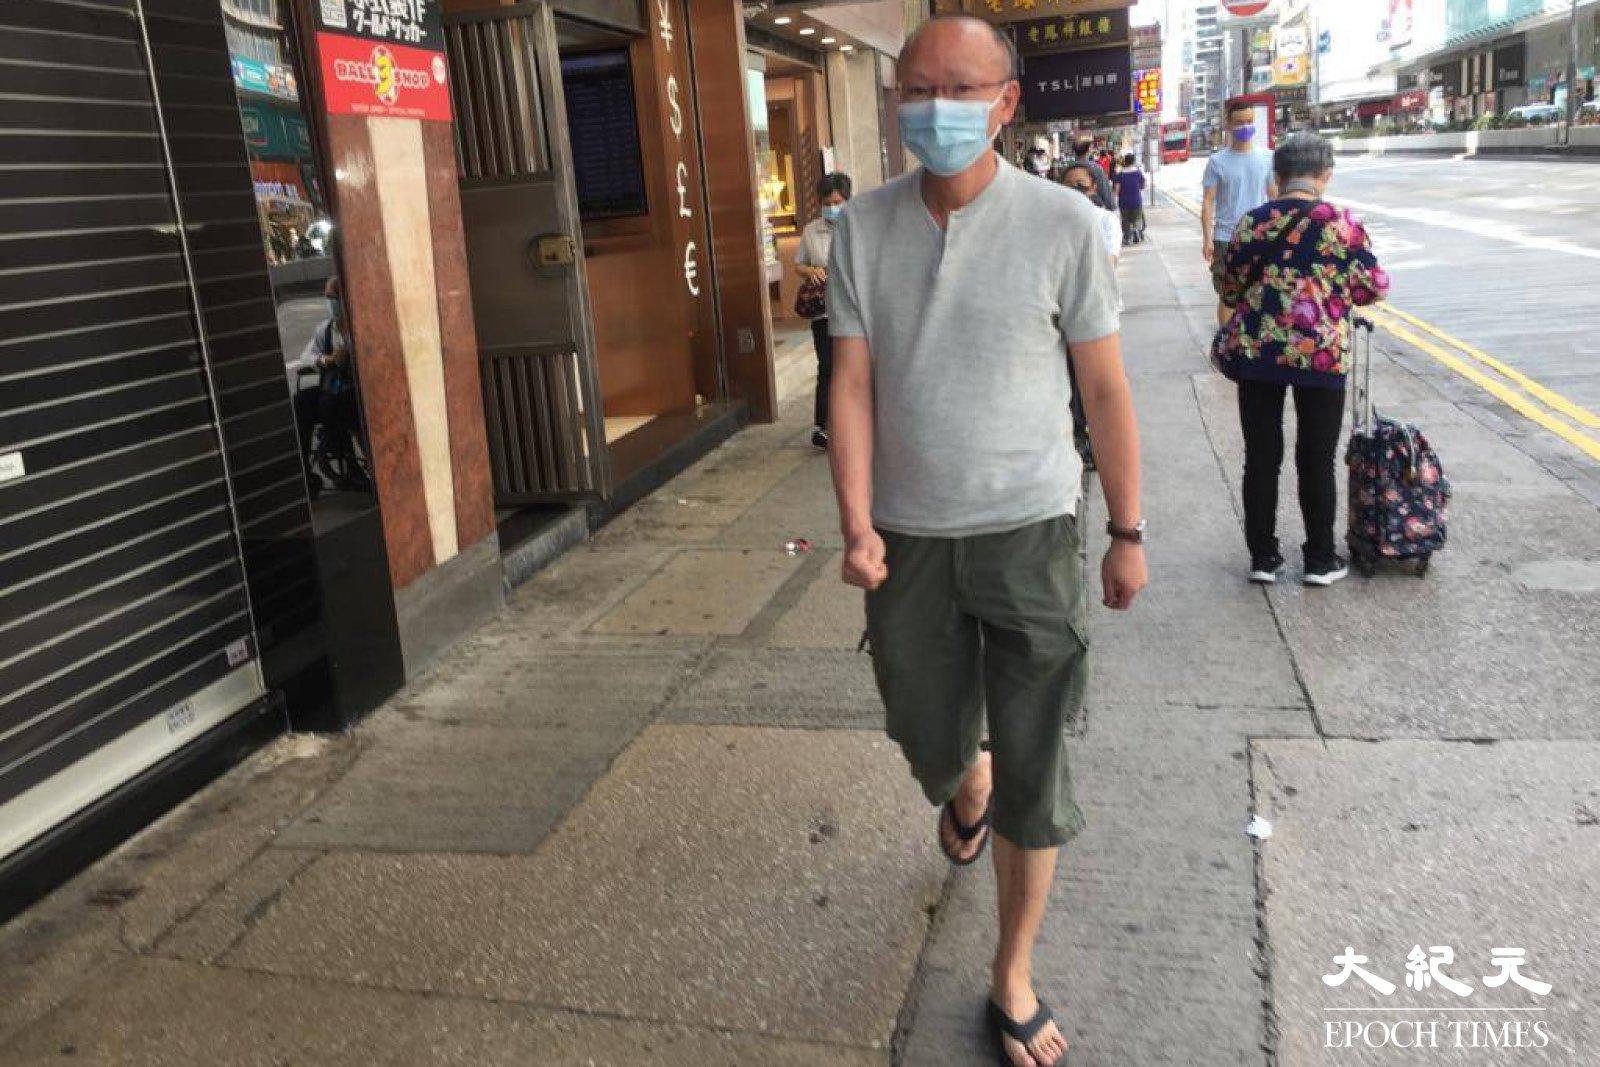 今日(12日)上午10時左右,圖中男子在香港亞皆老街法輪功真相點用硬幣掟一名法輪功學員,襲擊該學員,又試圖搶其手機。(大紀元)